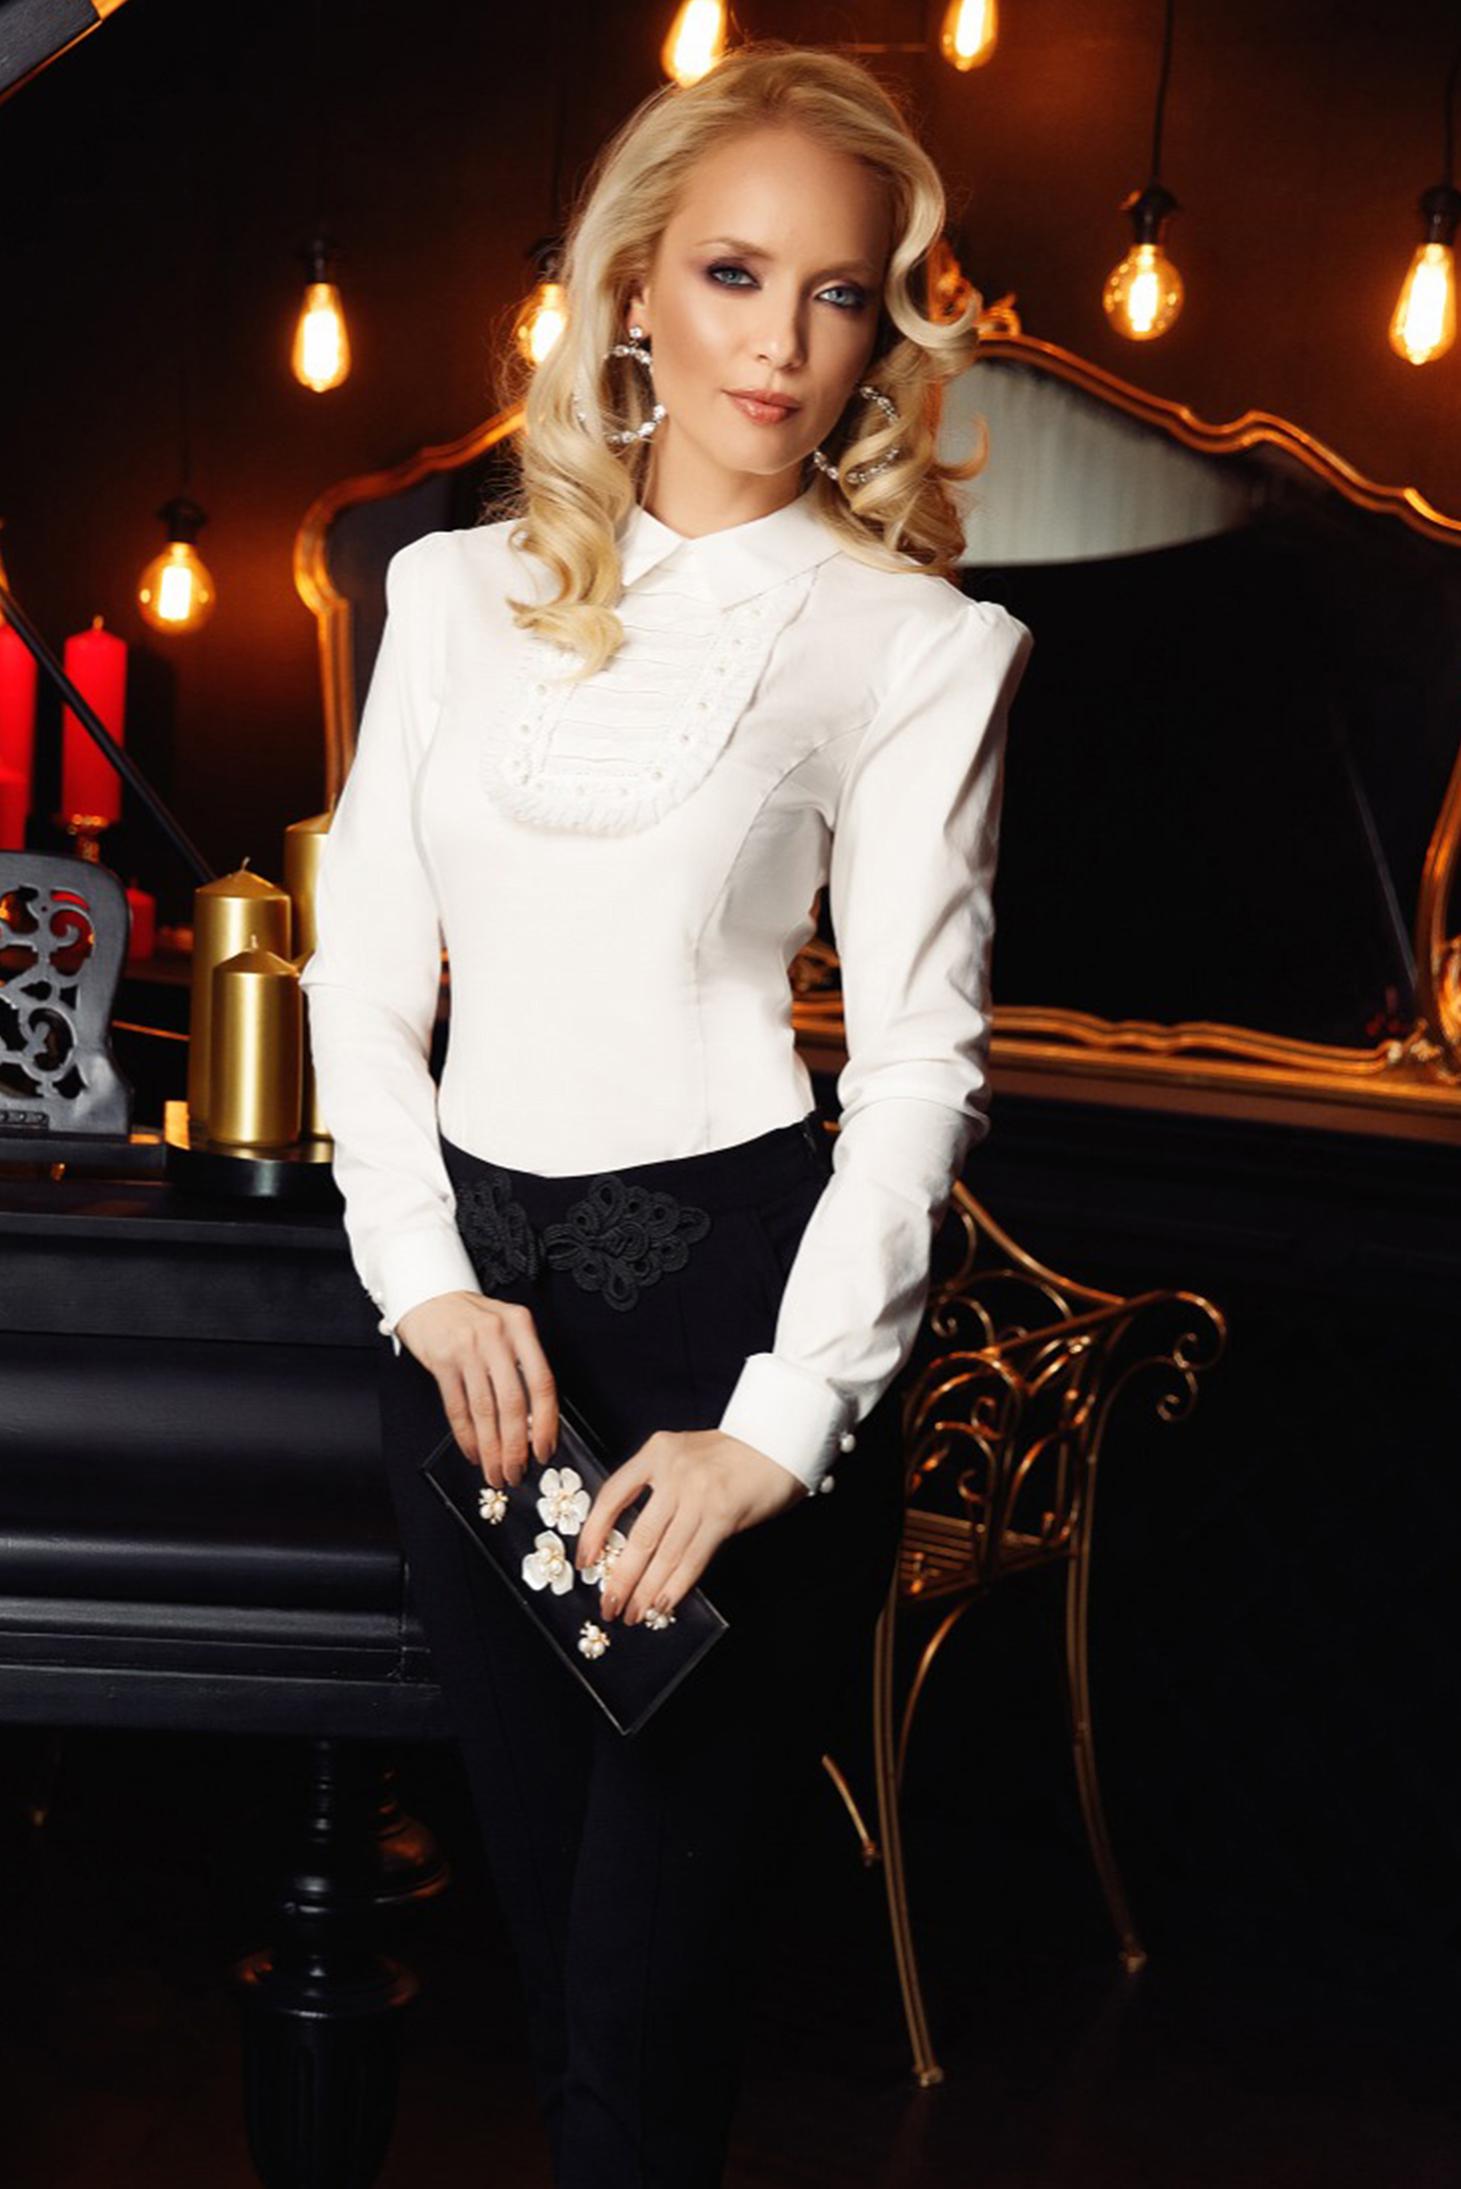 Fehér Fofy elegáns női ing szűk szabás enyhén elasztikus pamut csipke  díszítéssel 7826669ab0